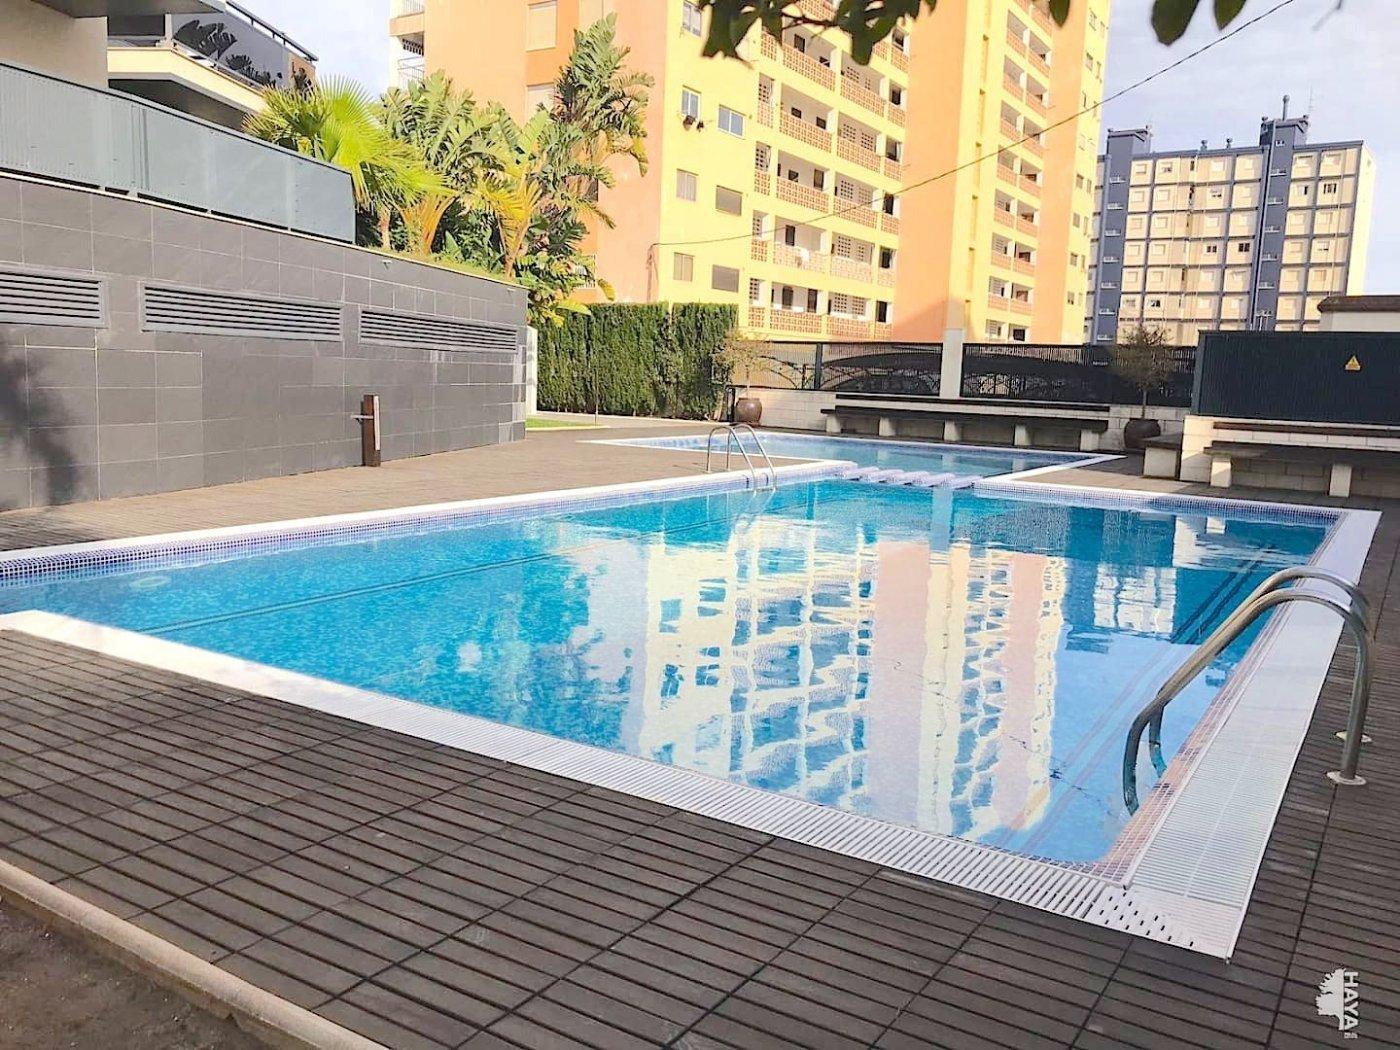 Apartamento en playa de gandia con piscina comunitaria y garaje incluido - imagenInmueble22